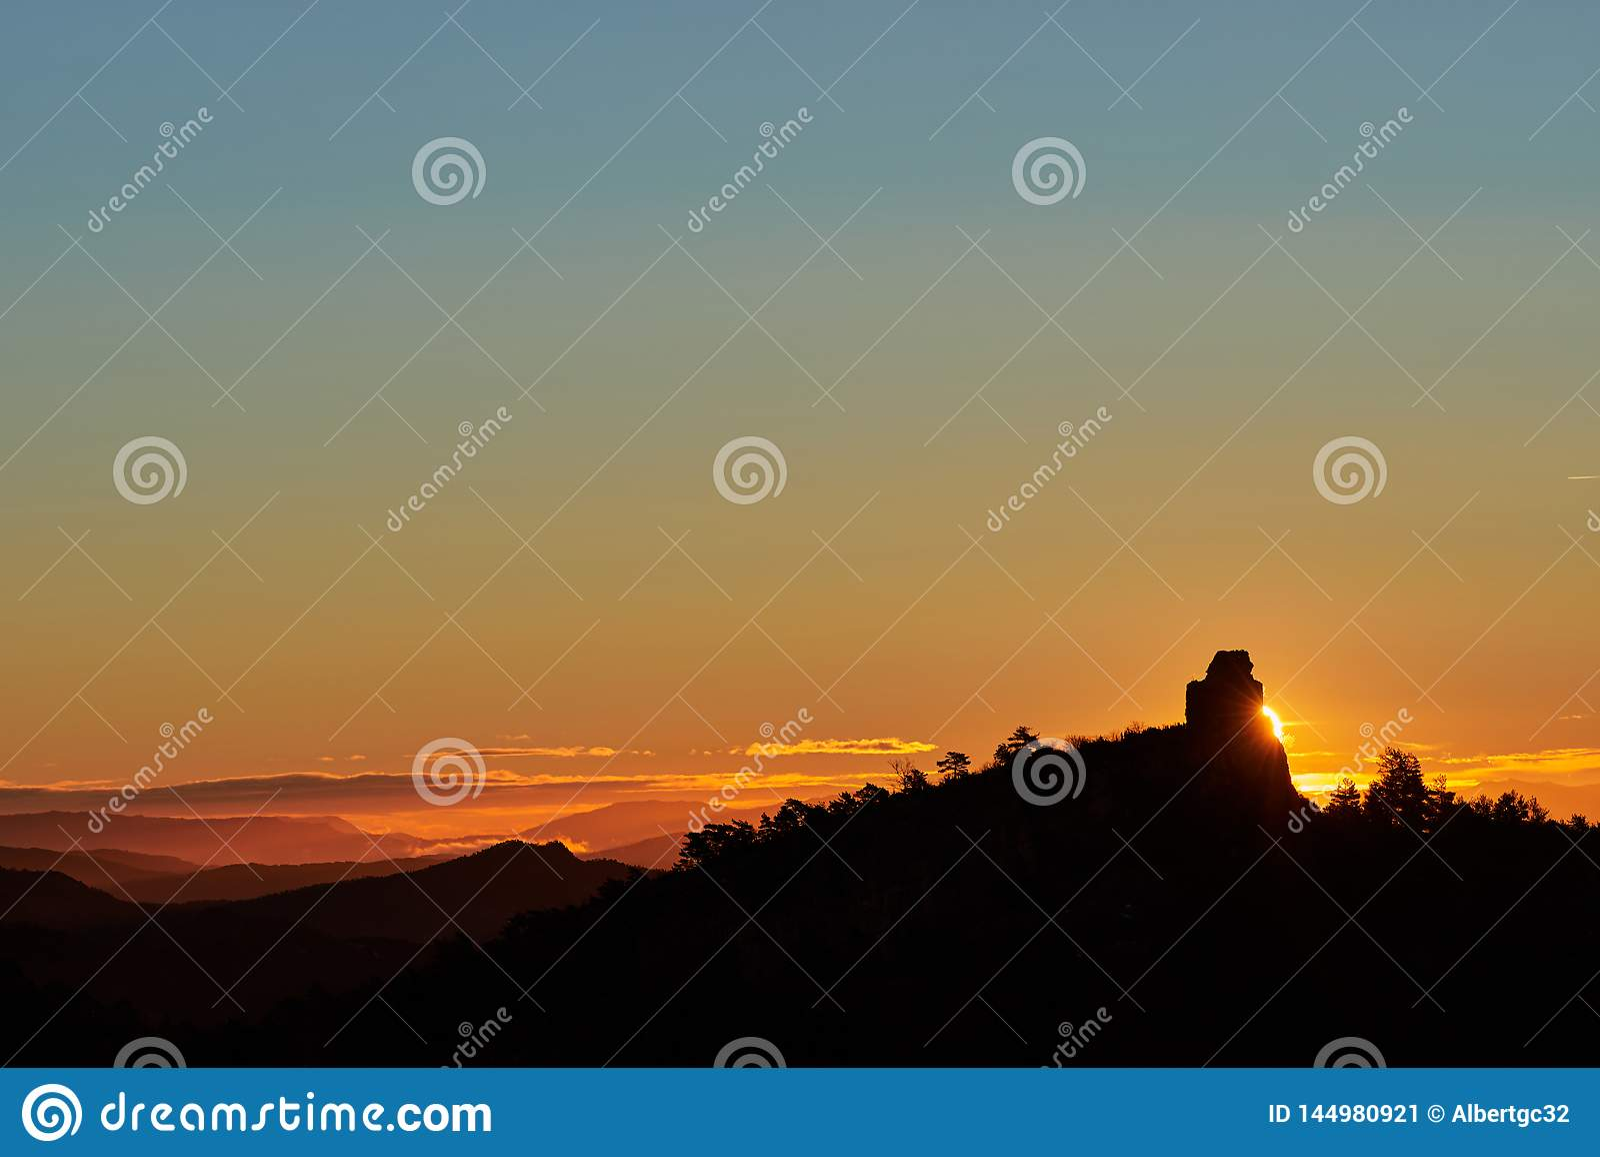 Zonsopgang achter de berg